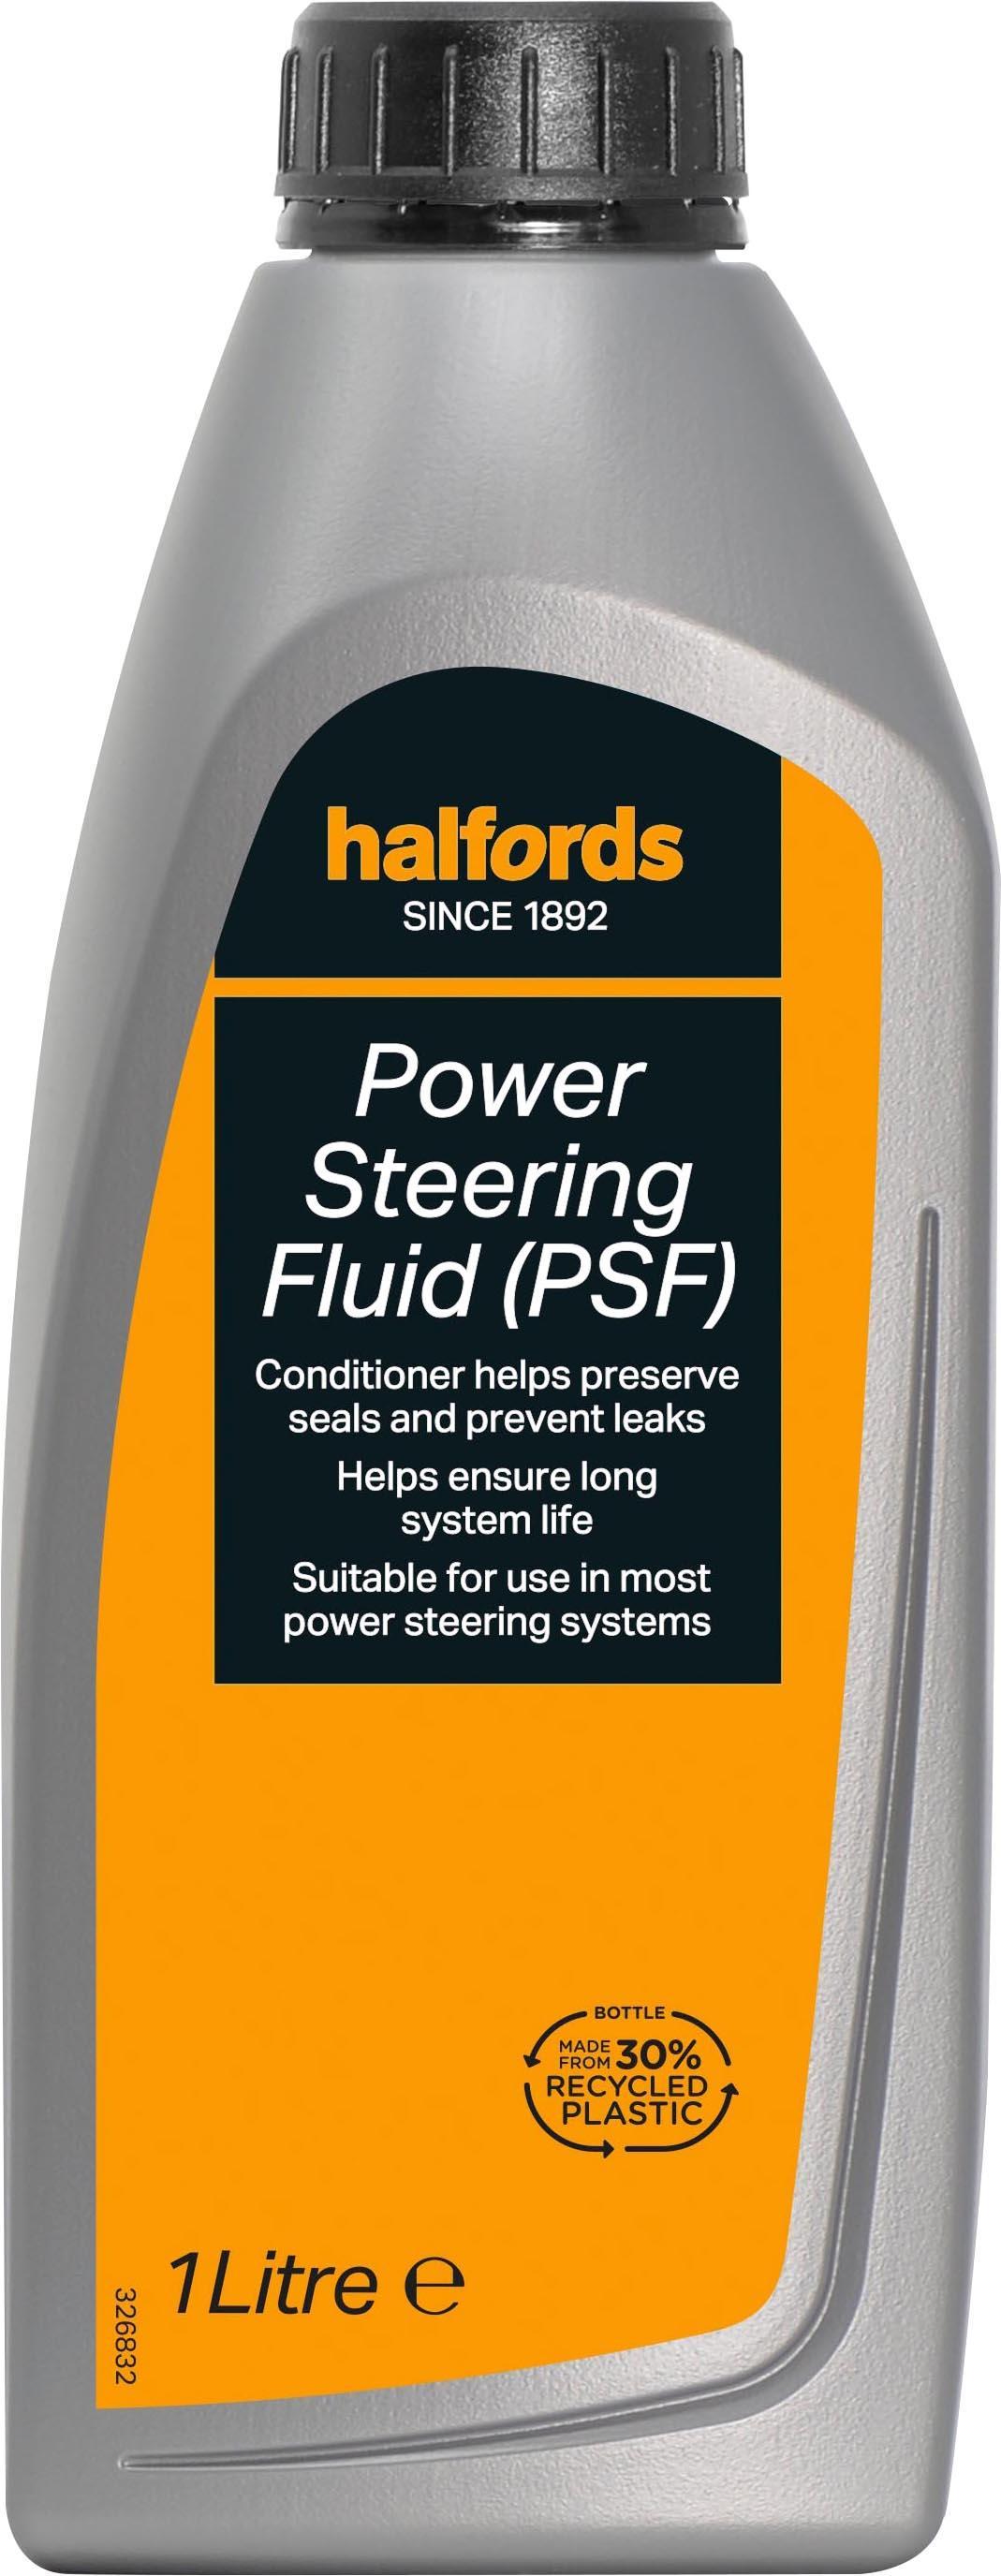 halfords power steering fluid (psf)  halfords power steering fluid (psf) 1l